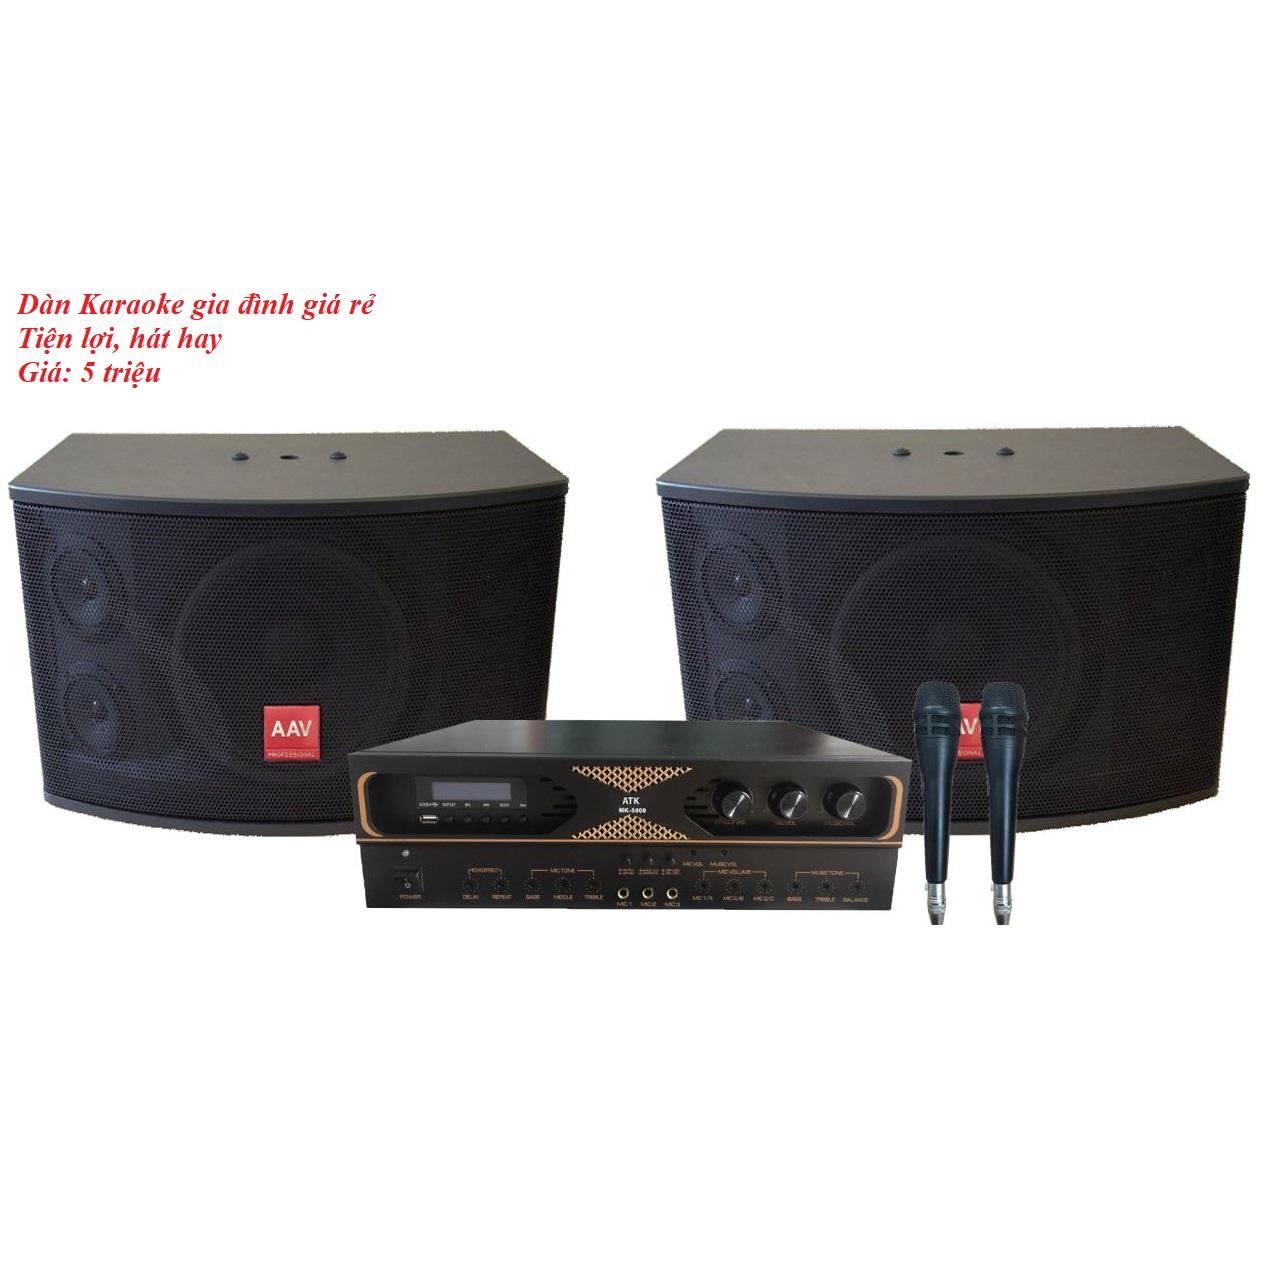 Dàn karaoke gia đình giá rẻ, hát hay VN16